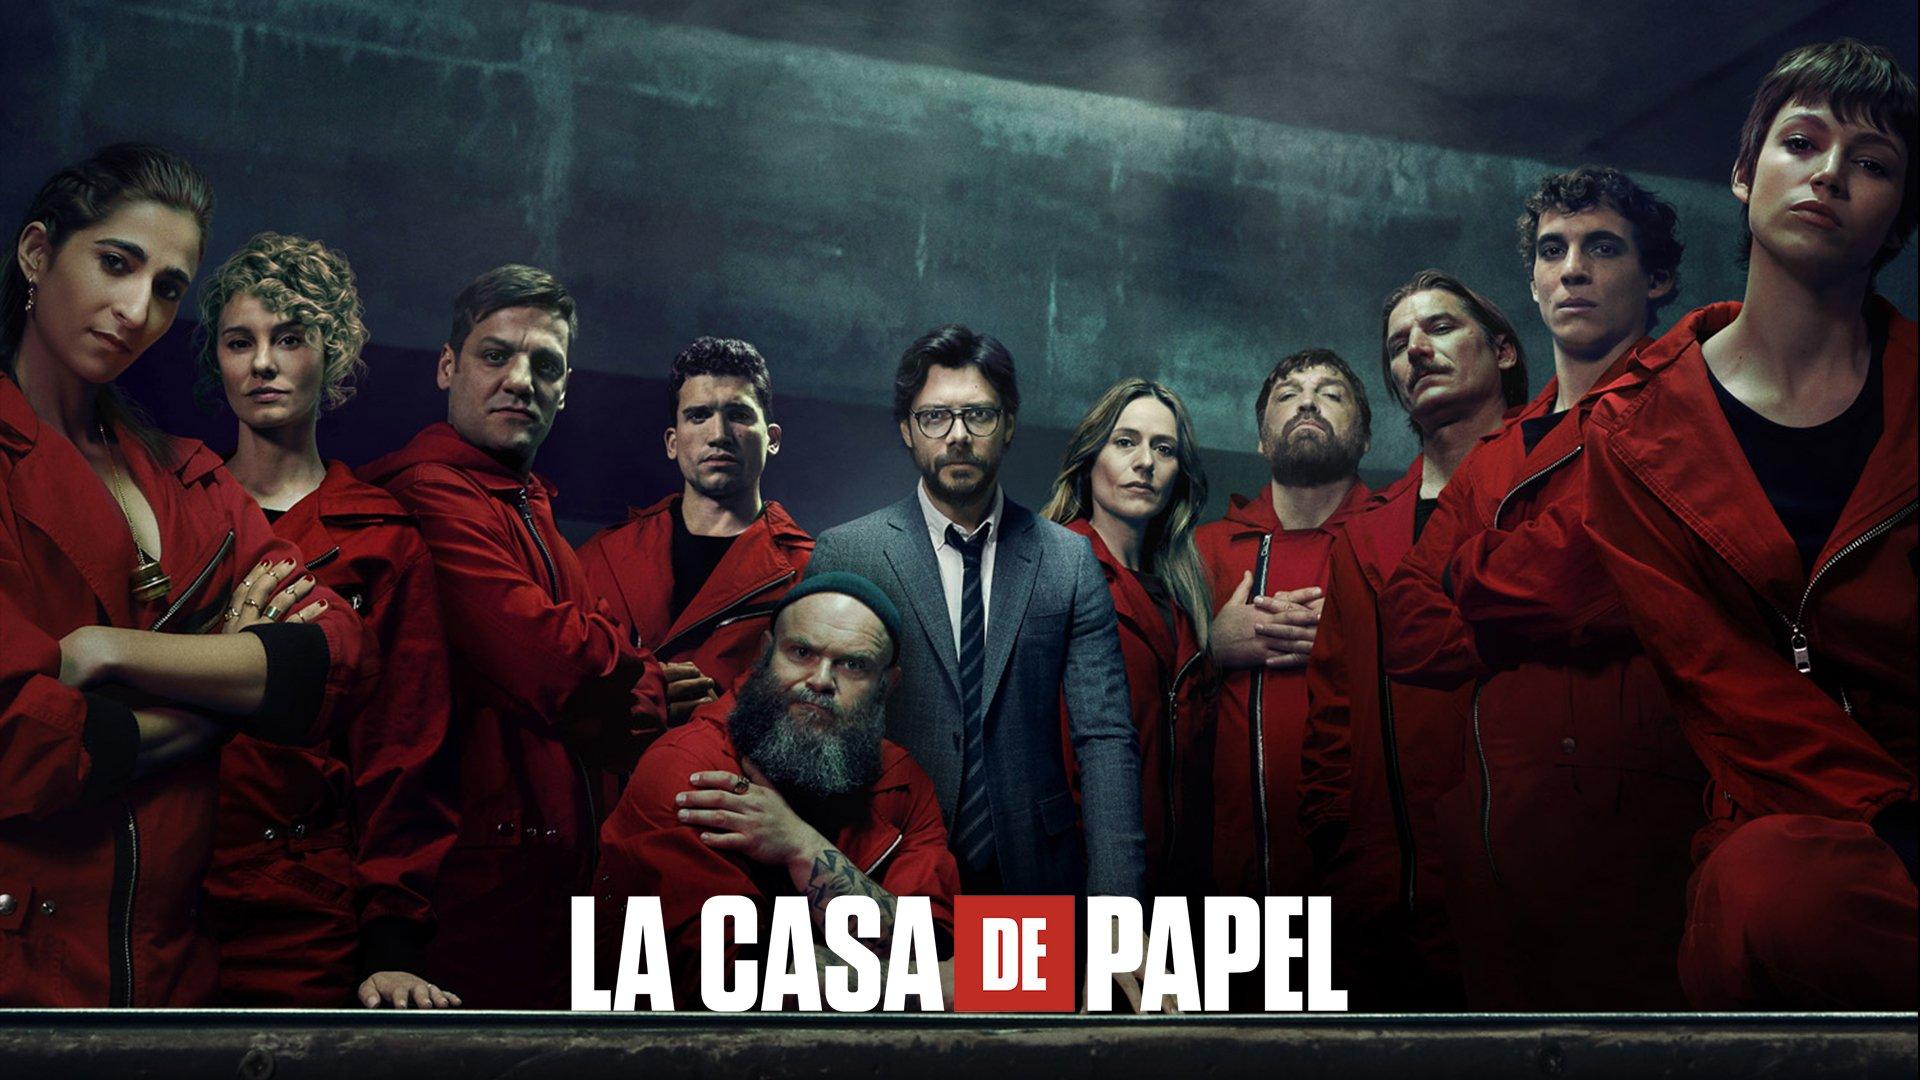 أفضل مسلسلات نتفليكس - مسلسل La Casa De Papel